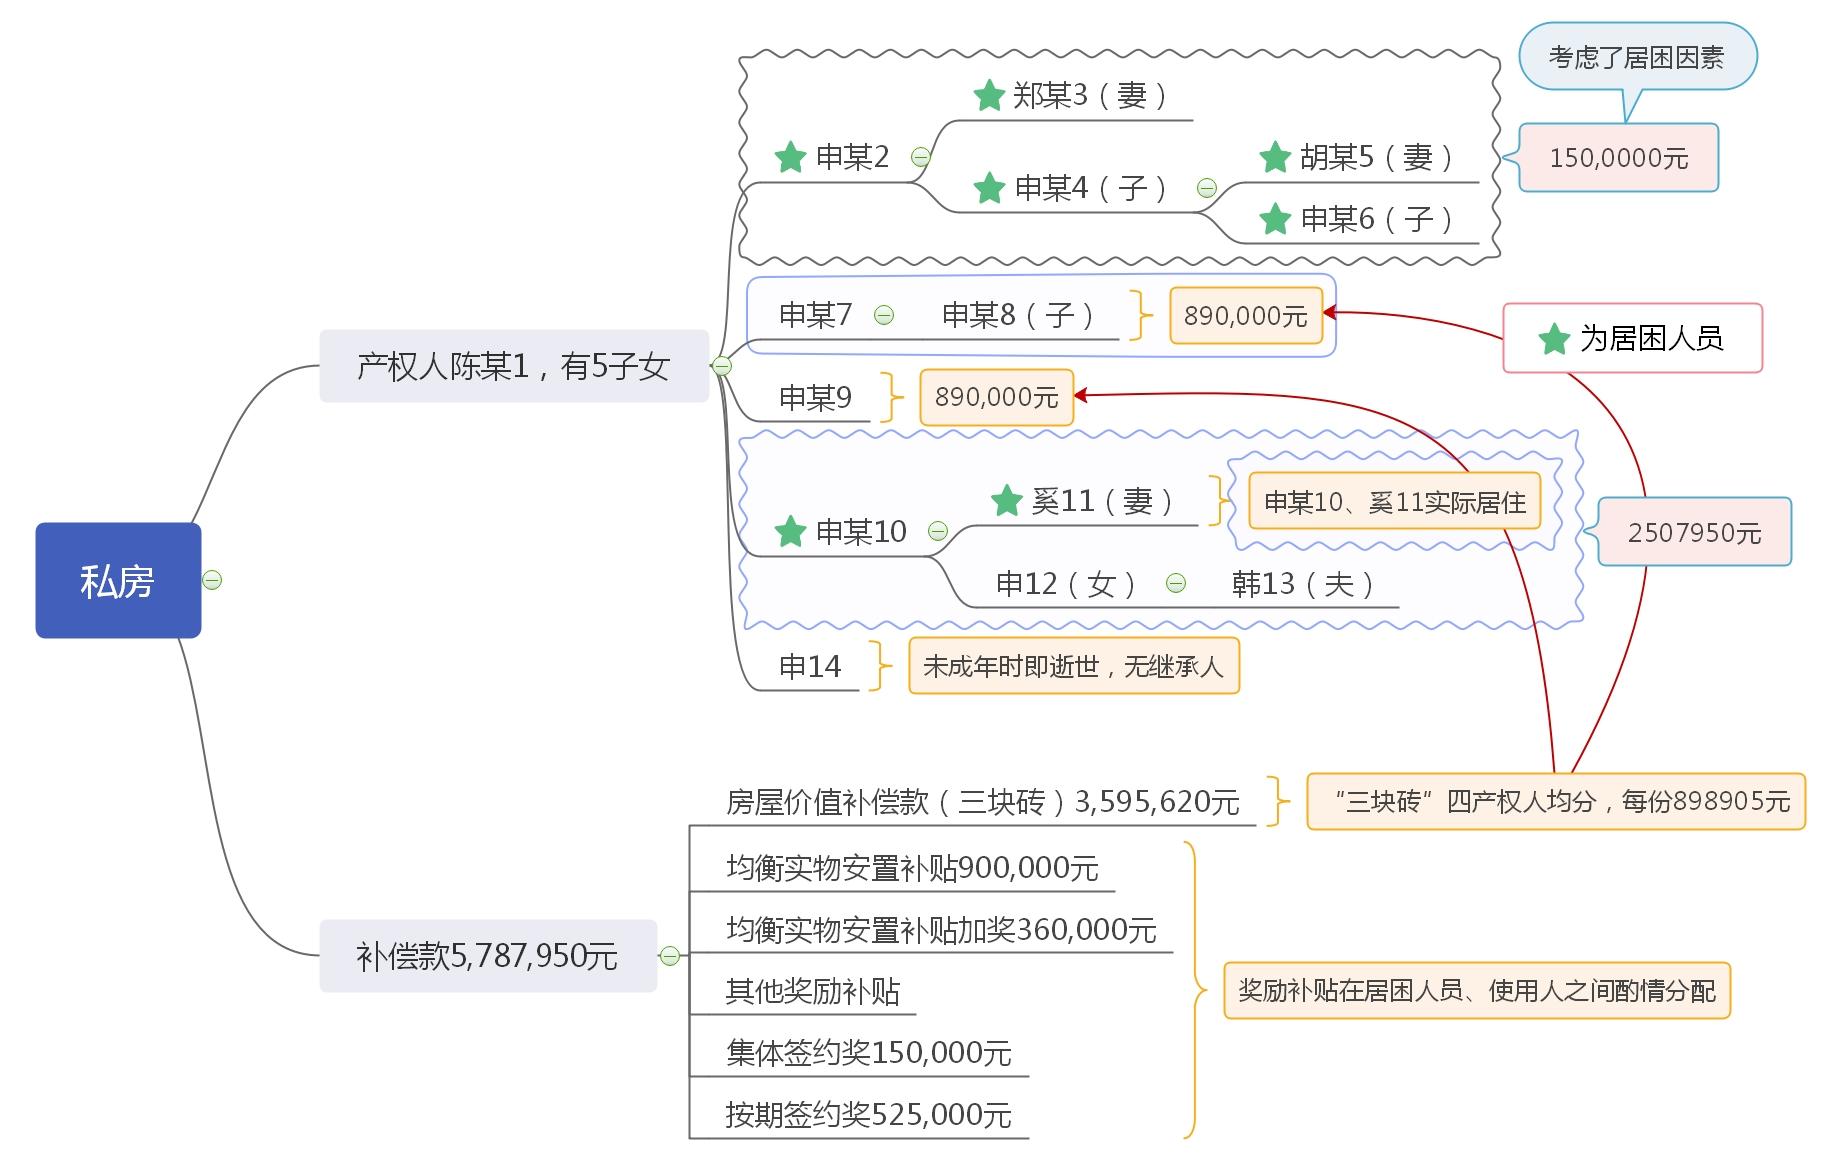 2019)沪02民终9068号 - 非居困户(托底)的居困人员能否获得动迁补偿款?